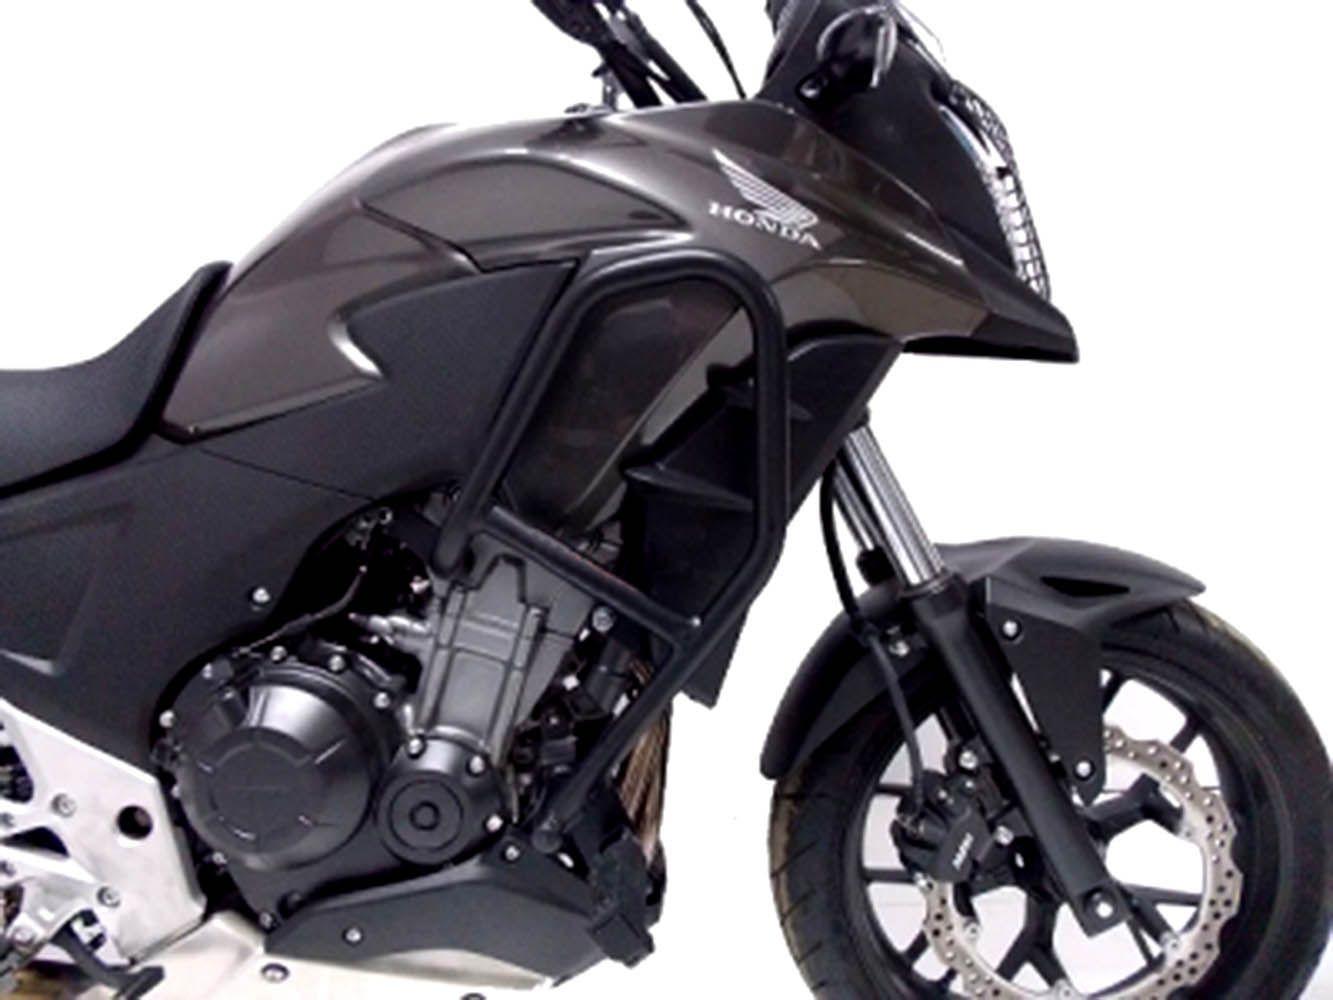 Protetor Motor Mata Cachorro Cb 500 X Preto Fosco Chapam 870